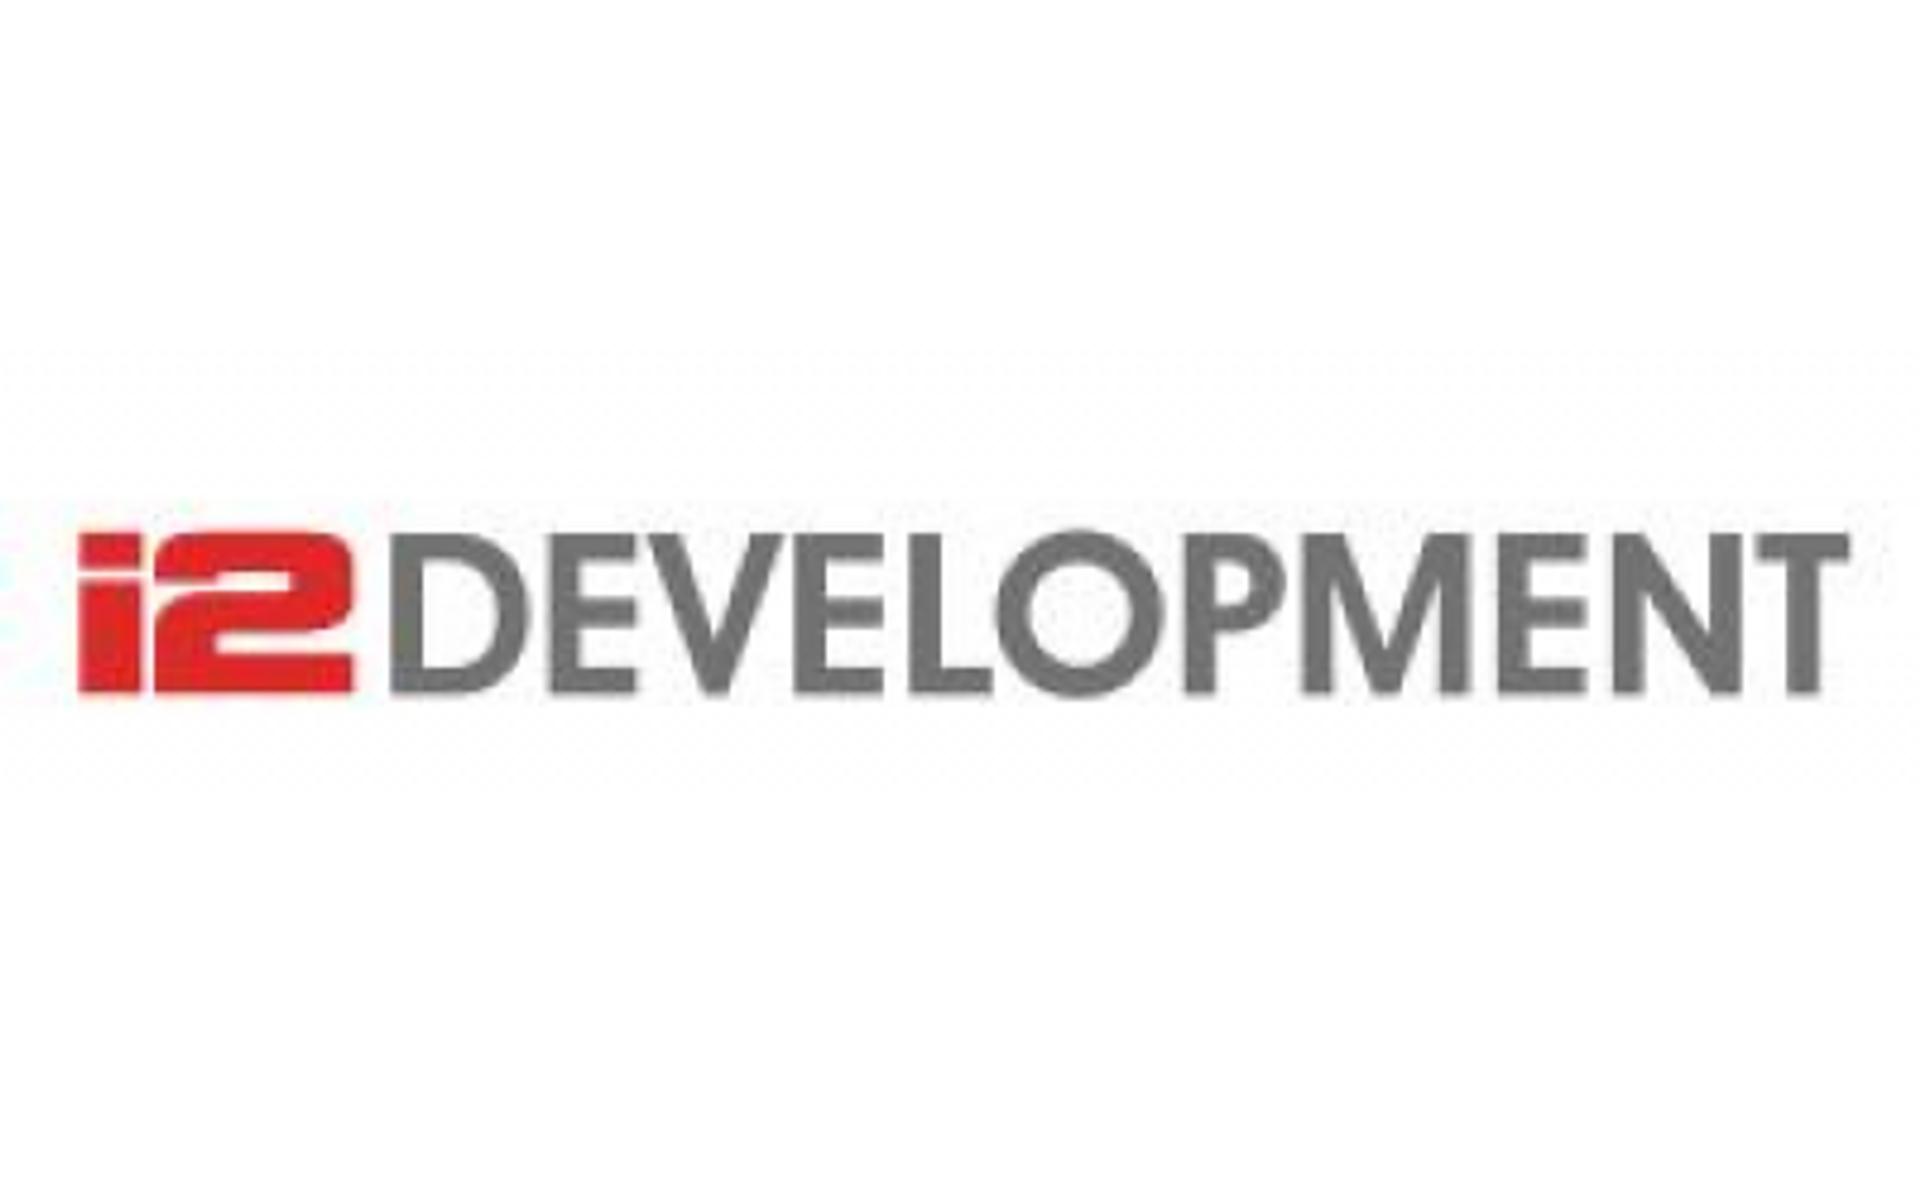 [Wrocław] I2 Development podsumowuje sprzedaż mieszkań w 2015 roku – rekordowy rok w historii firmy